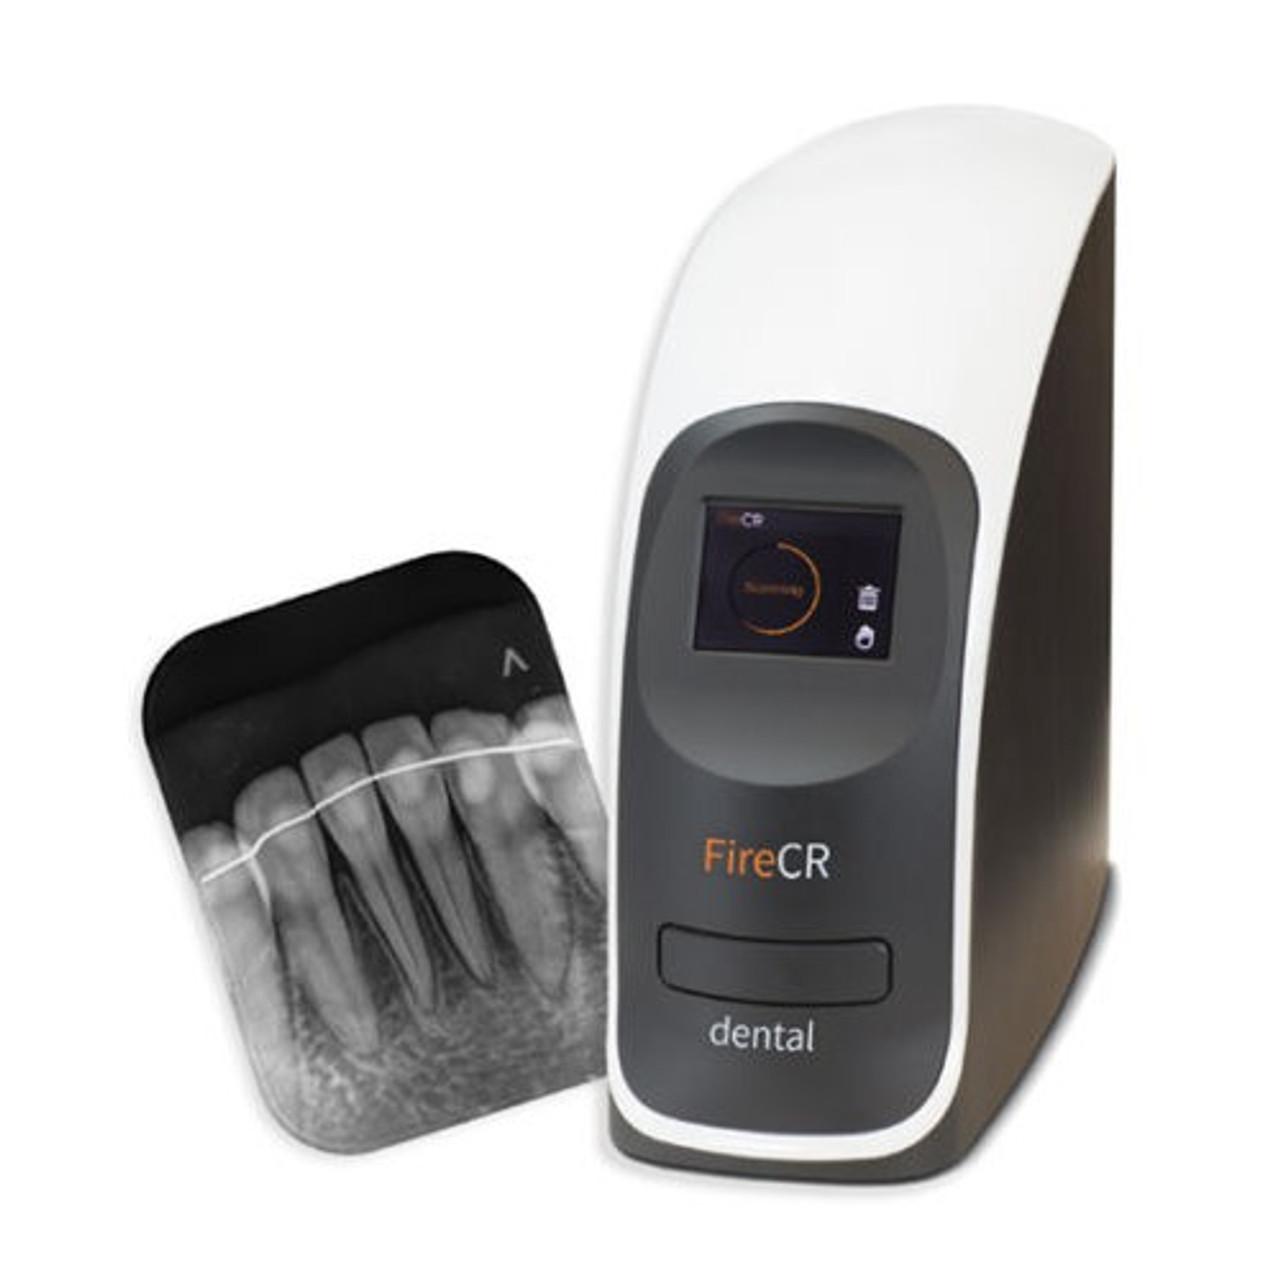 FireCR Dental